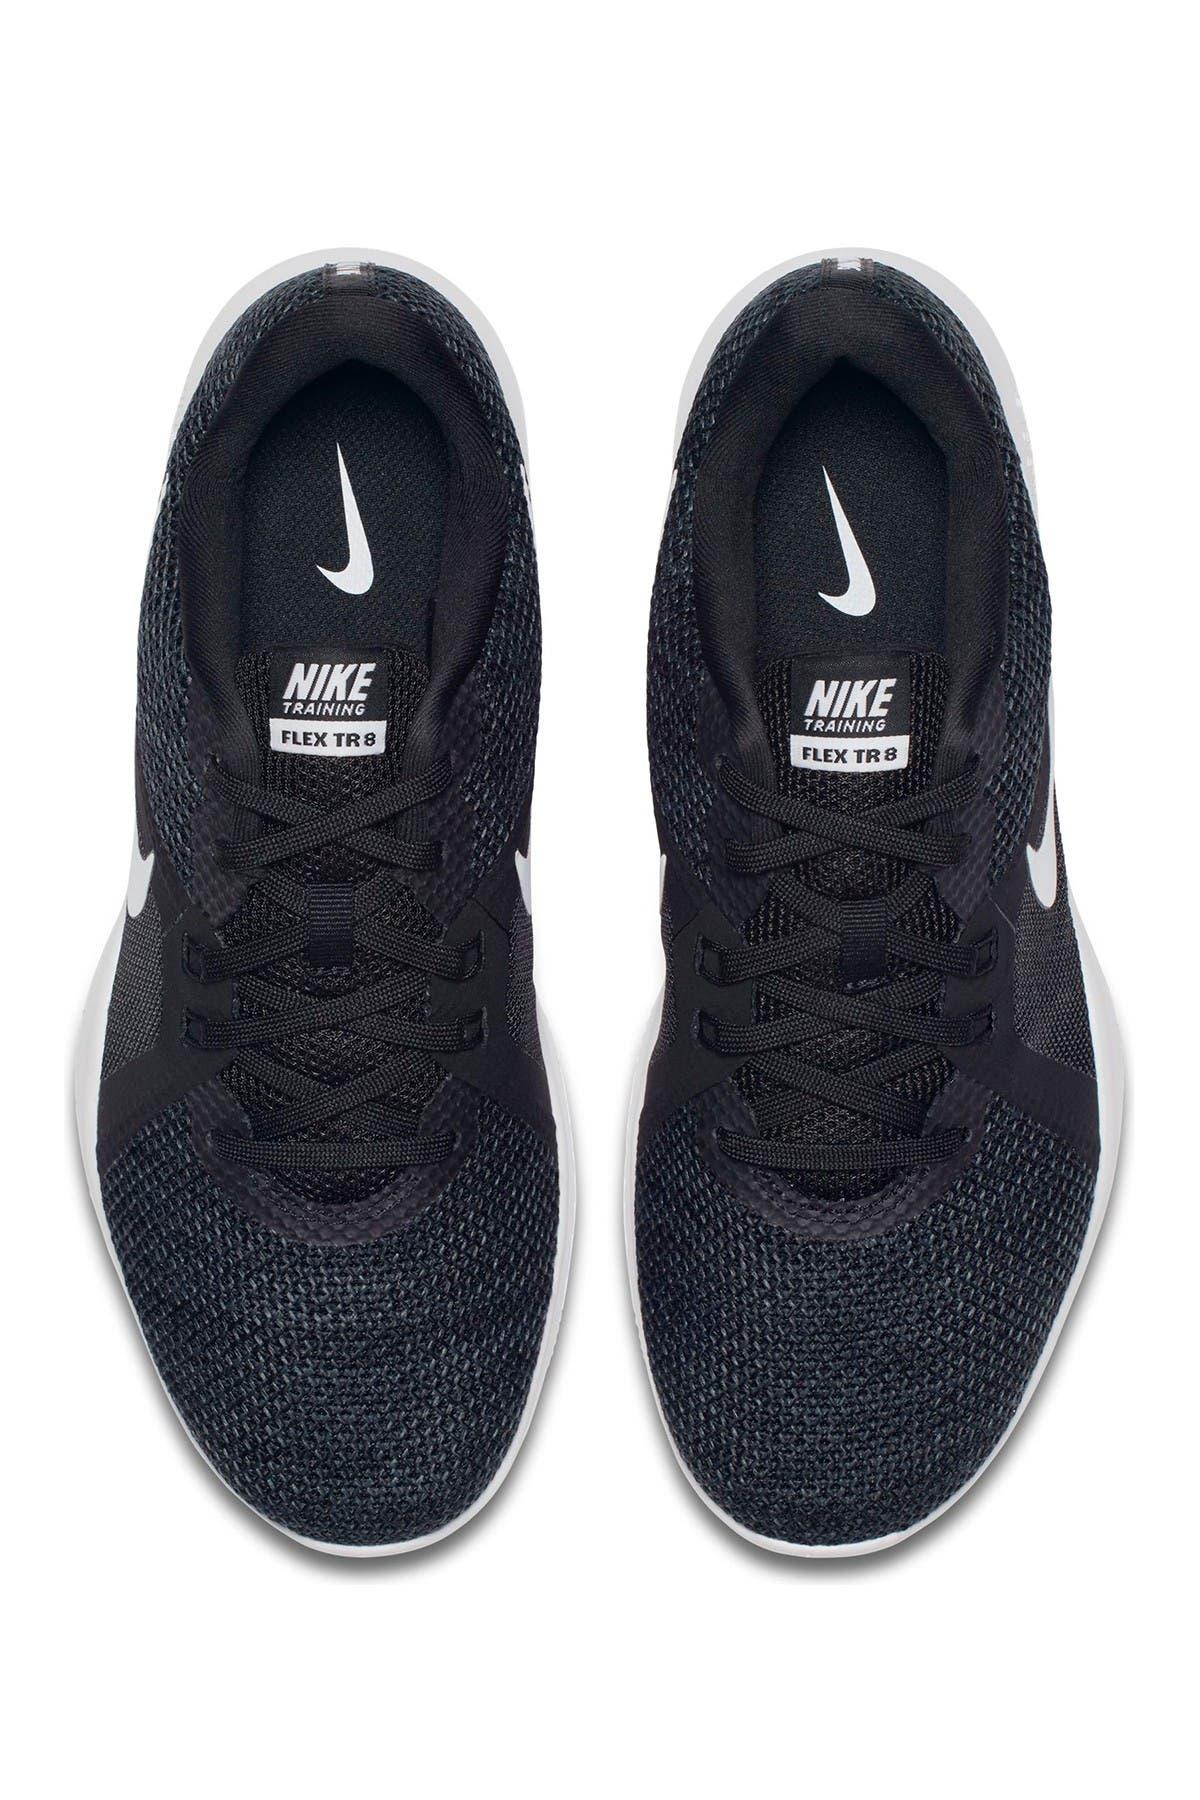 Nike   Flex Trainer 8 Premium Sneaker